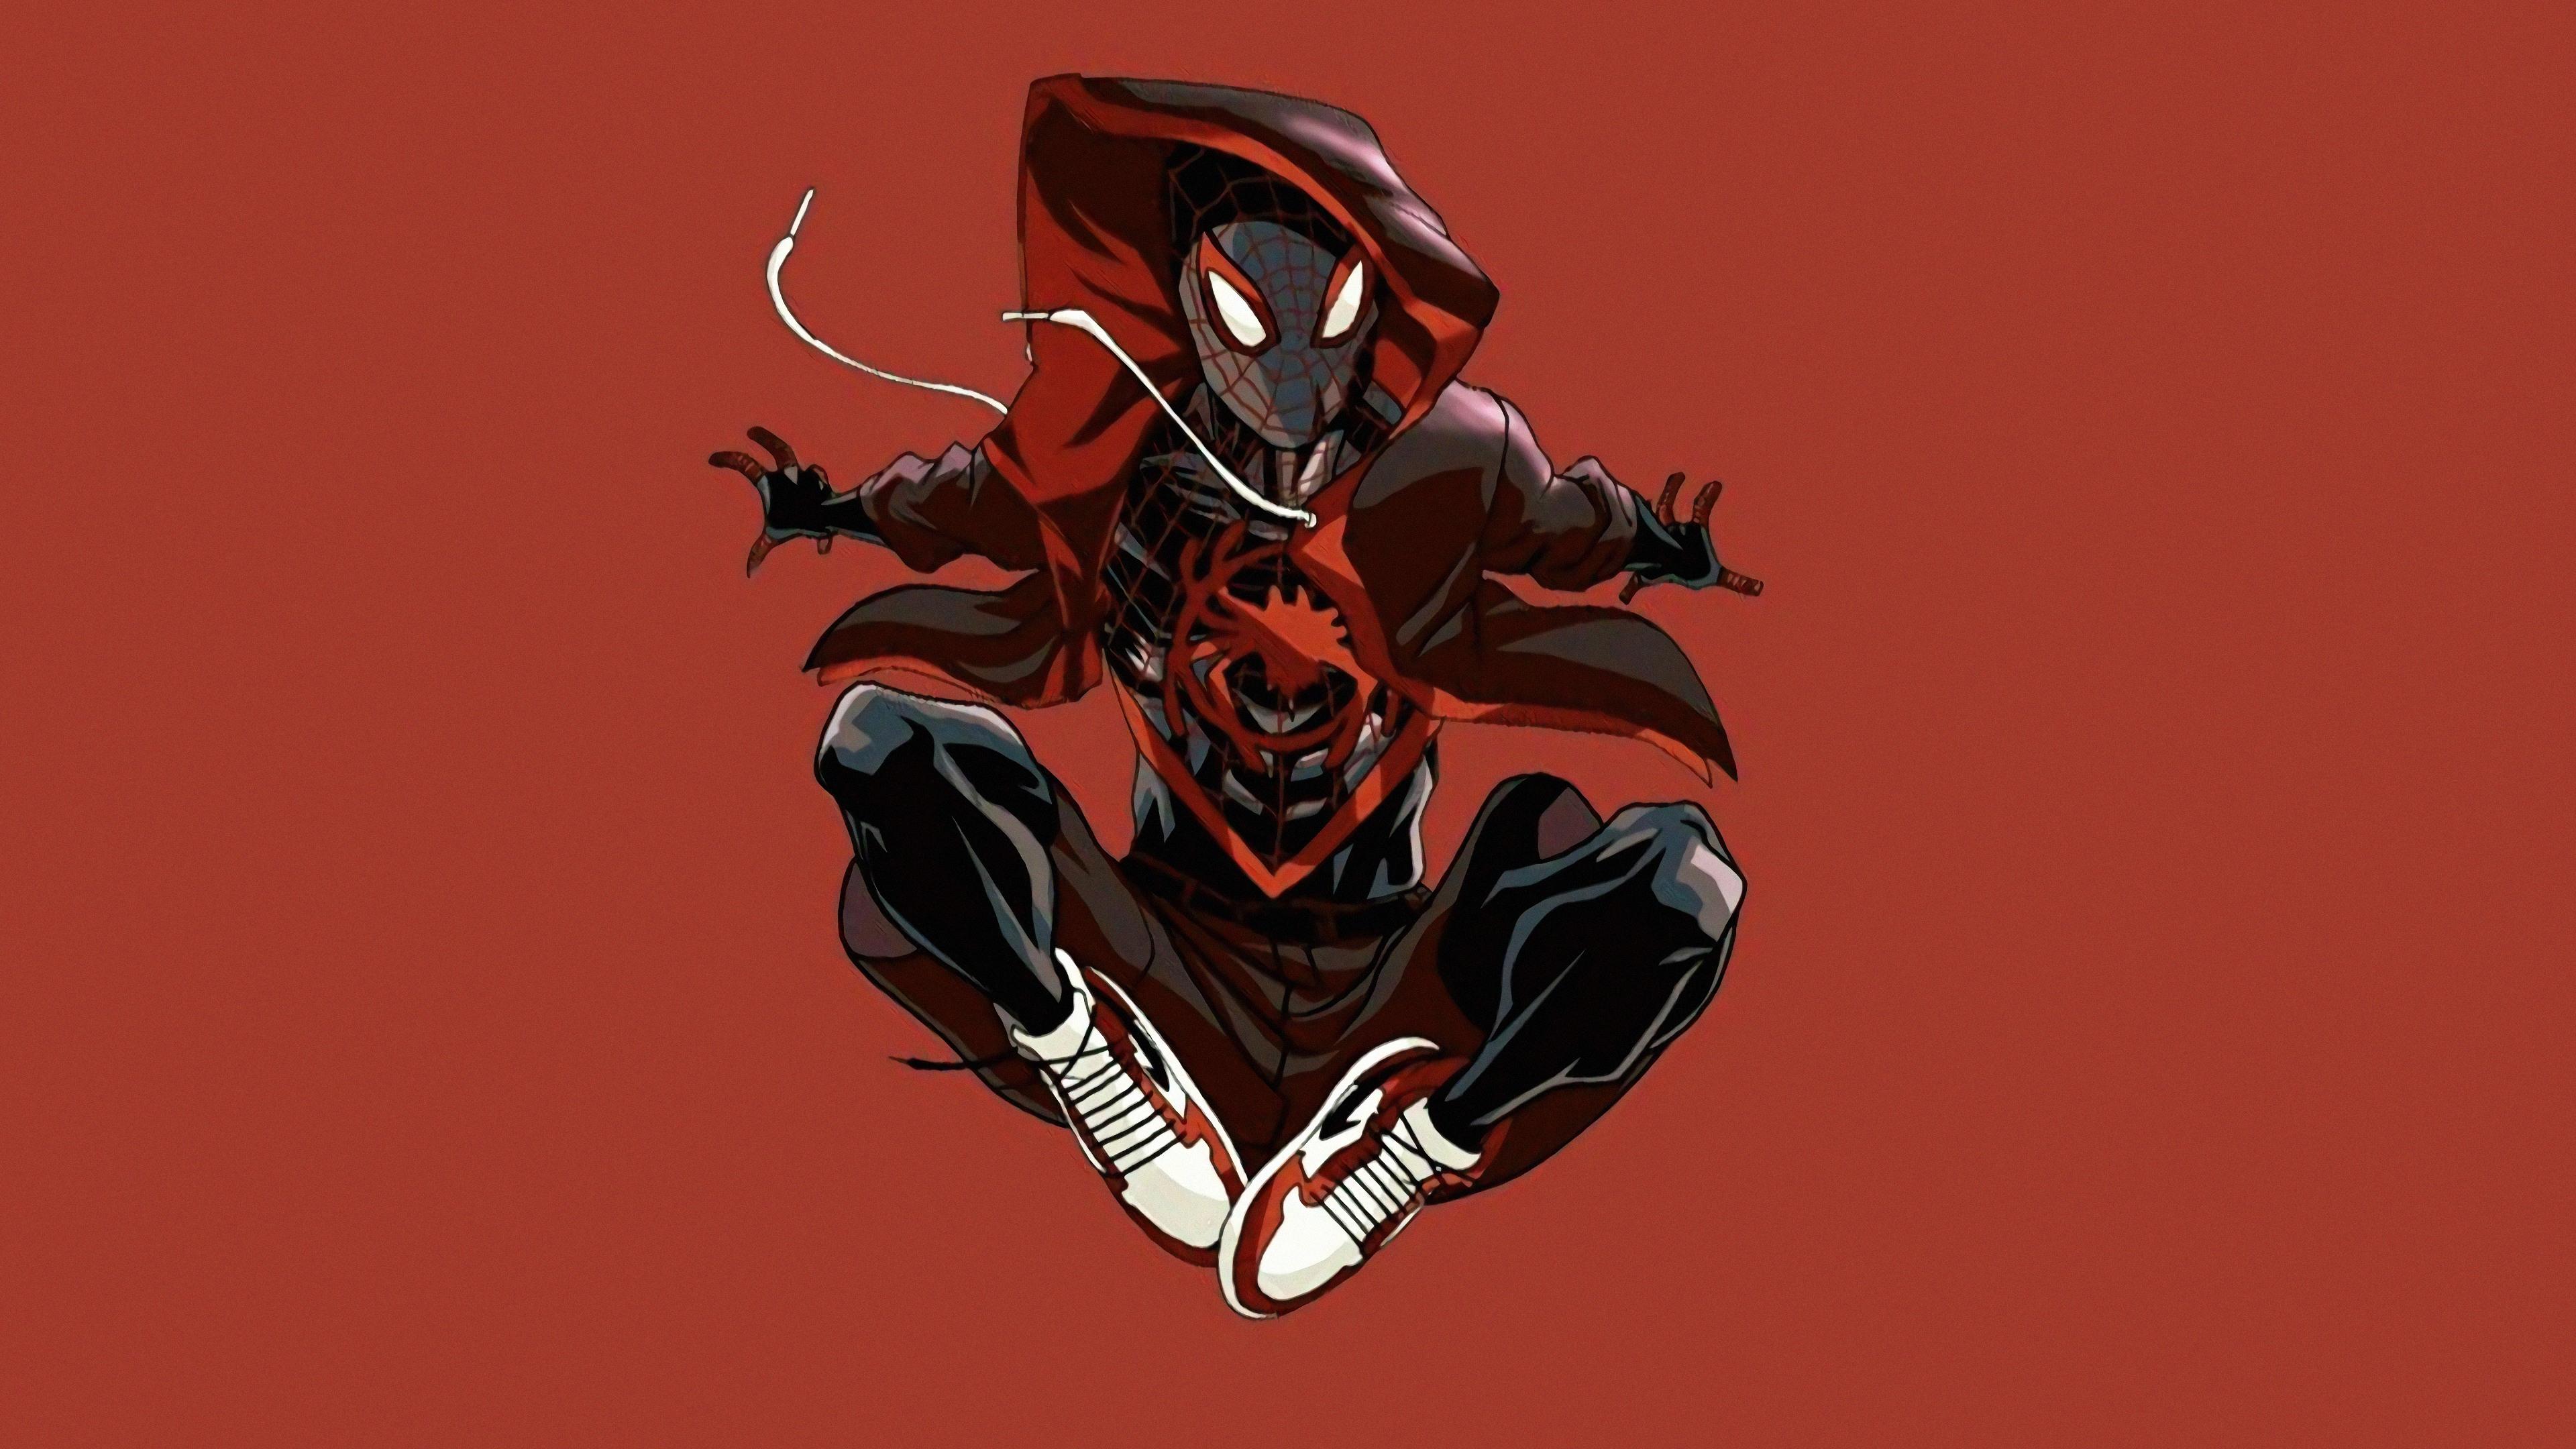 Miles Morales Spider Man Illustration 1926994 Hd Wallpaper